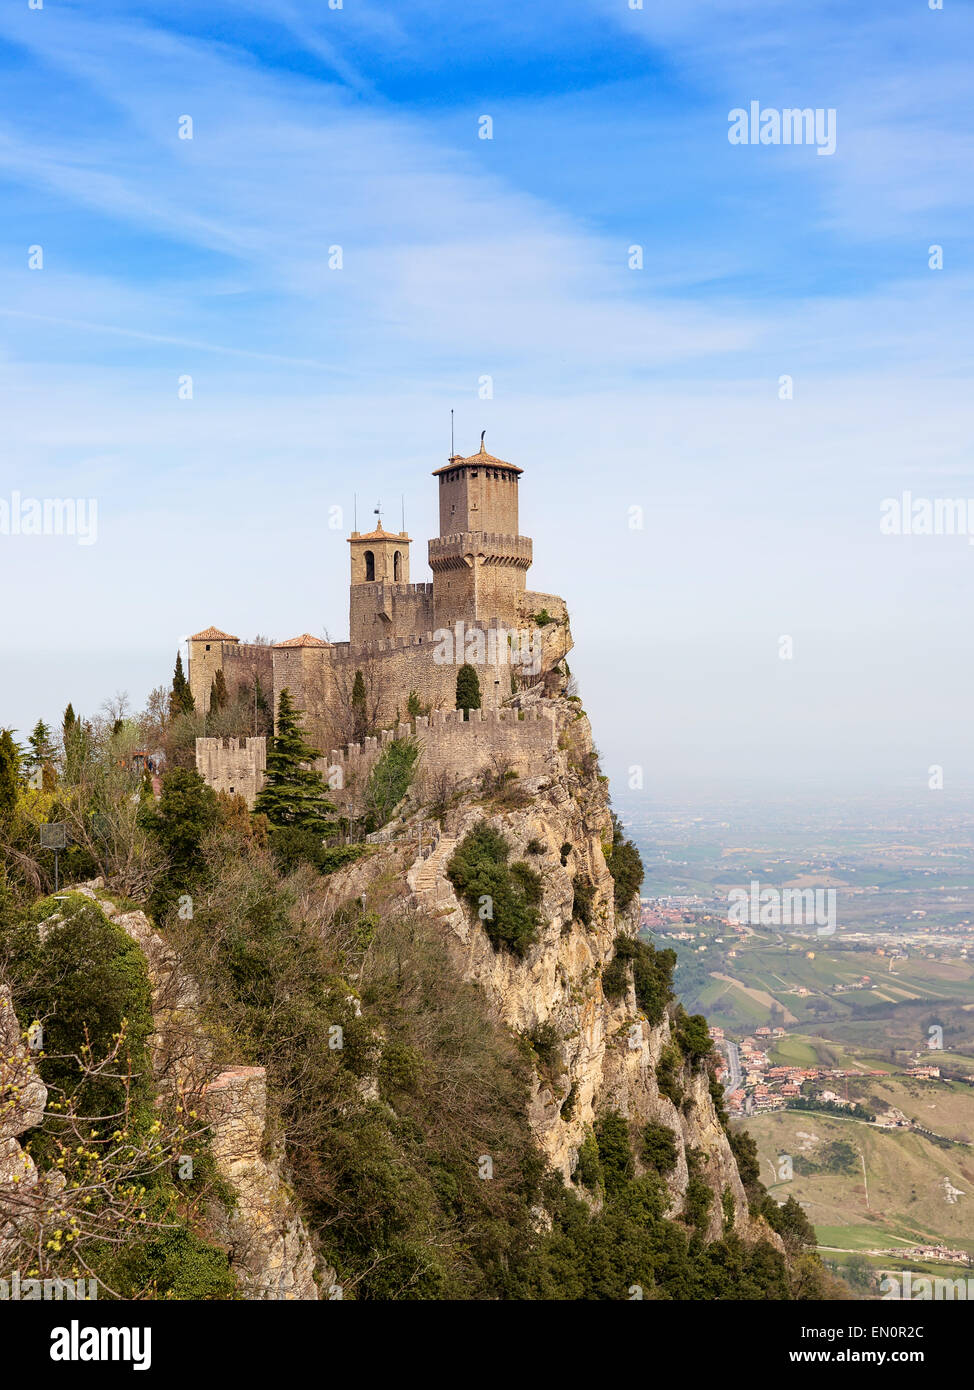 Rocca Della Guaita, ancient fortress of San Marino - Stock Image